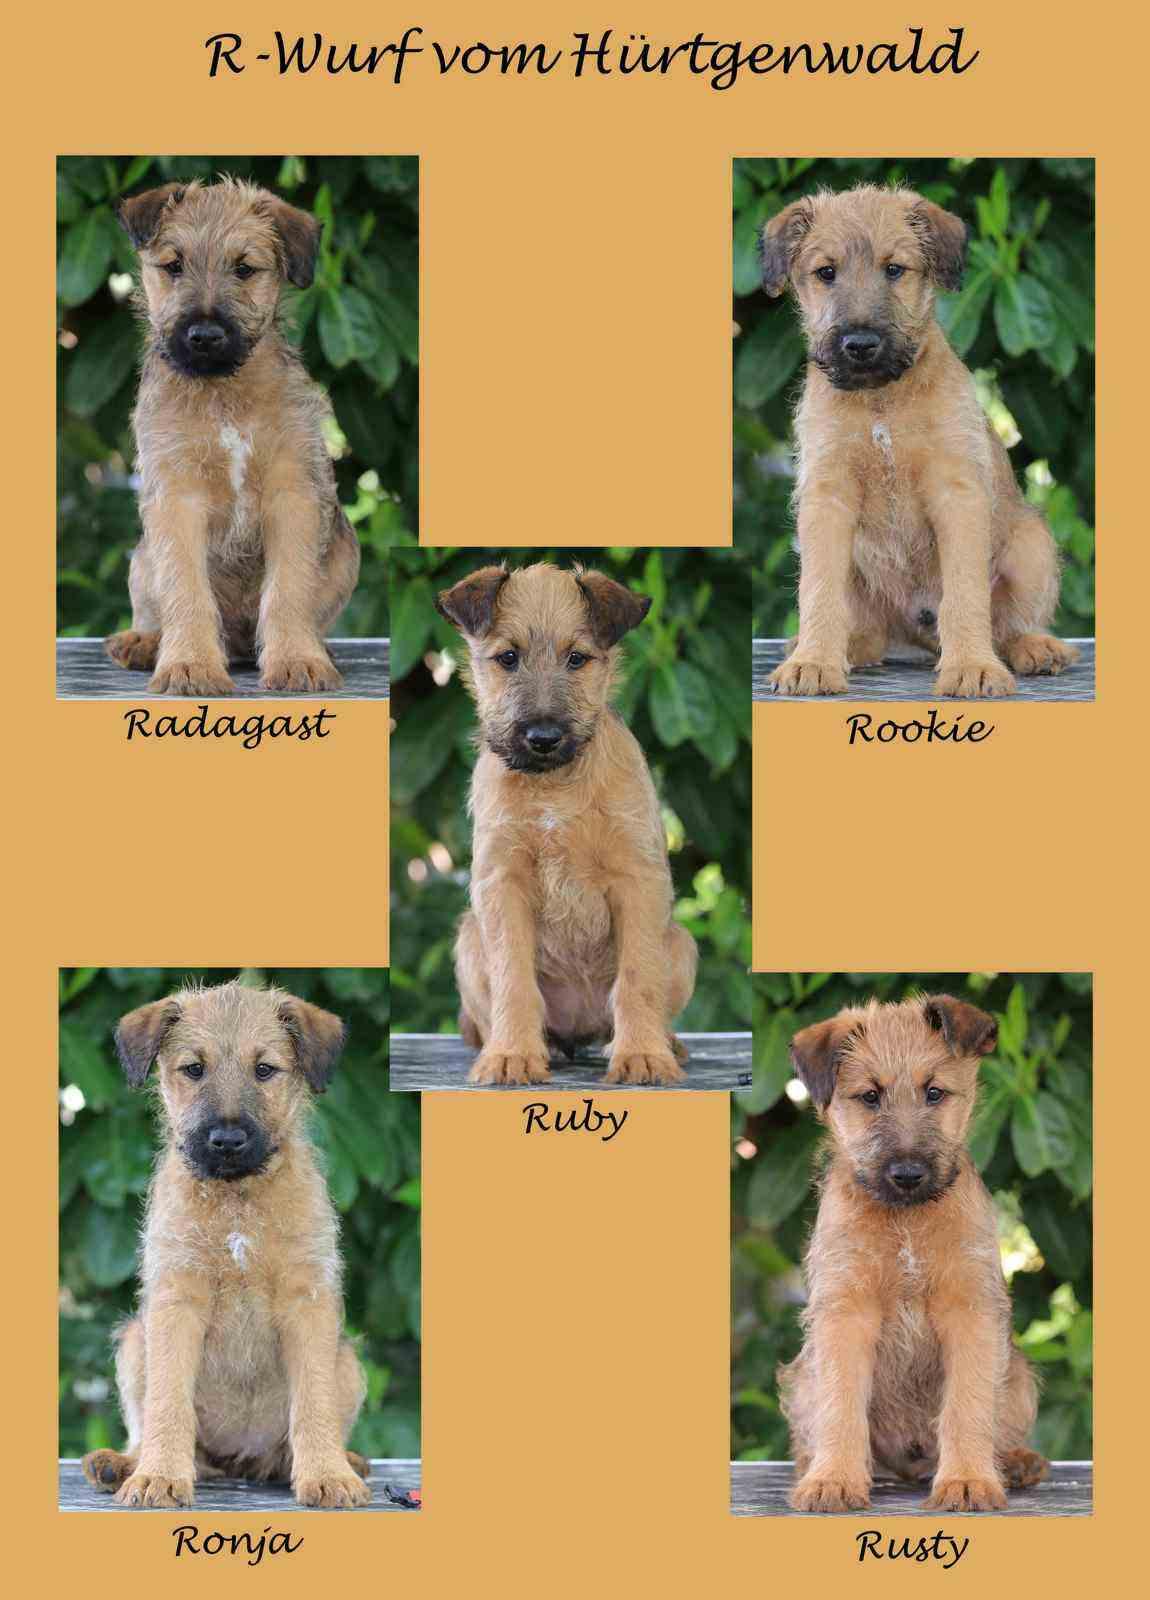 R-Wurf Irish Terrier Welpen Collage 10 Wochen